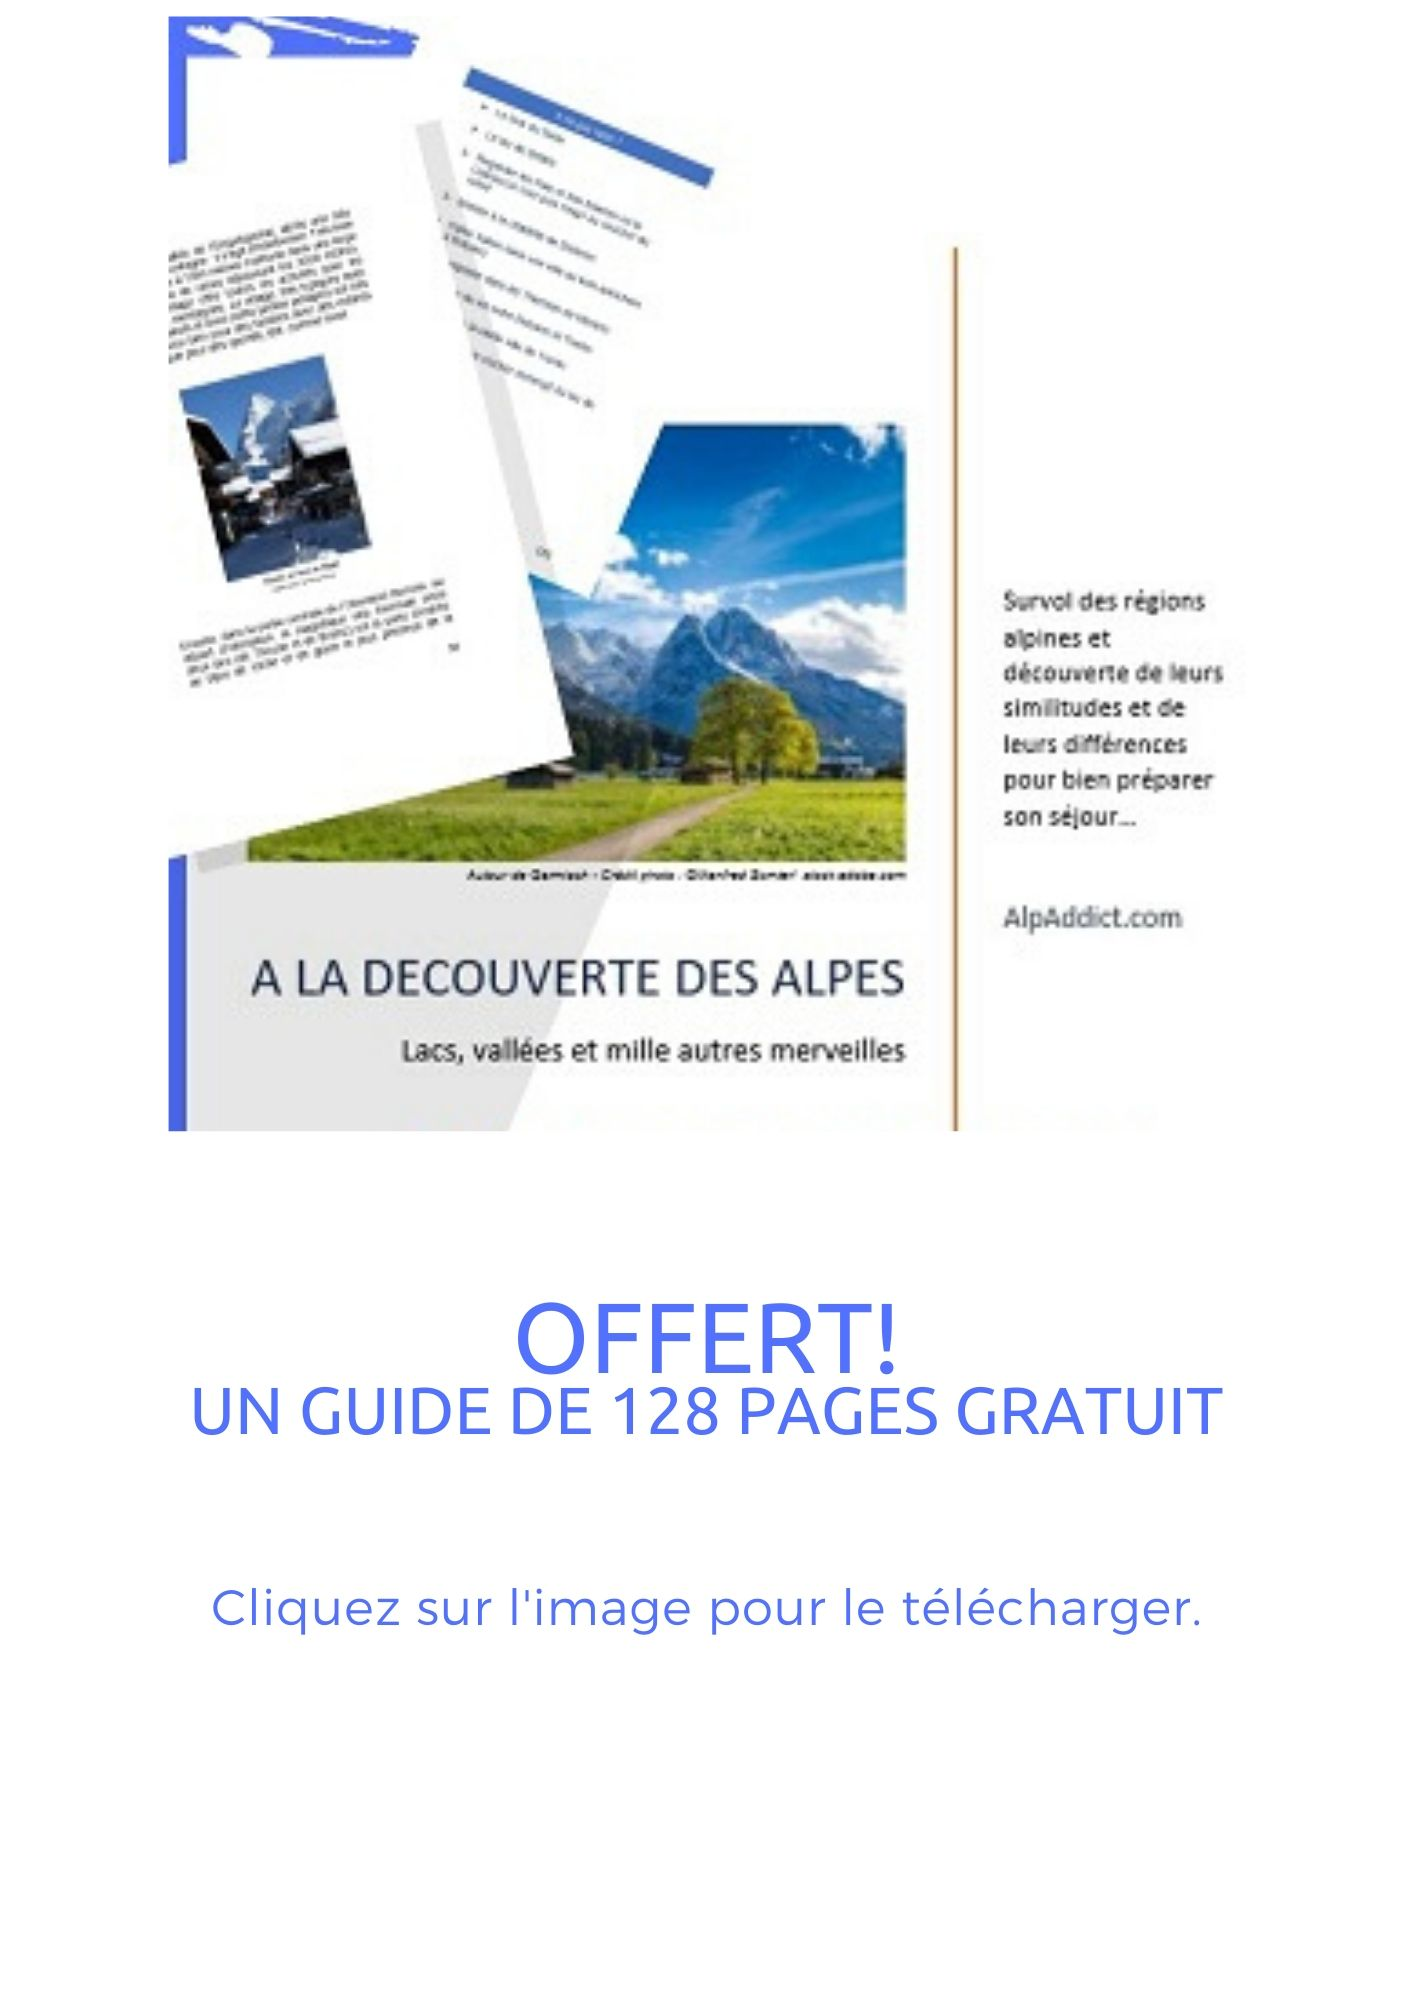 Guide Alpes 128 pages à télécharger